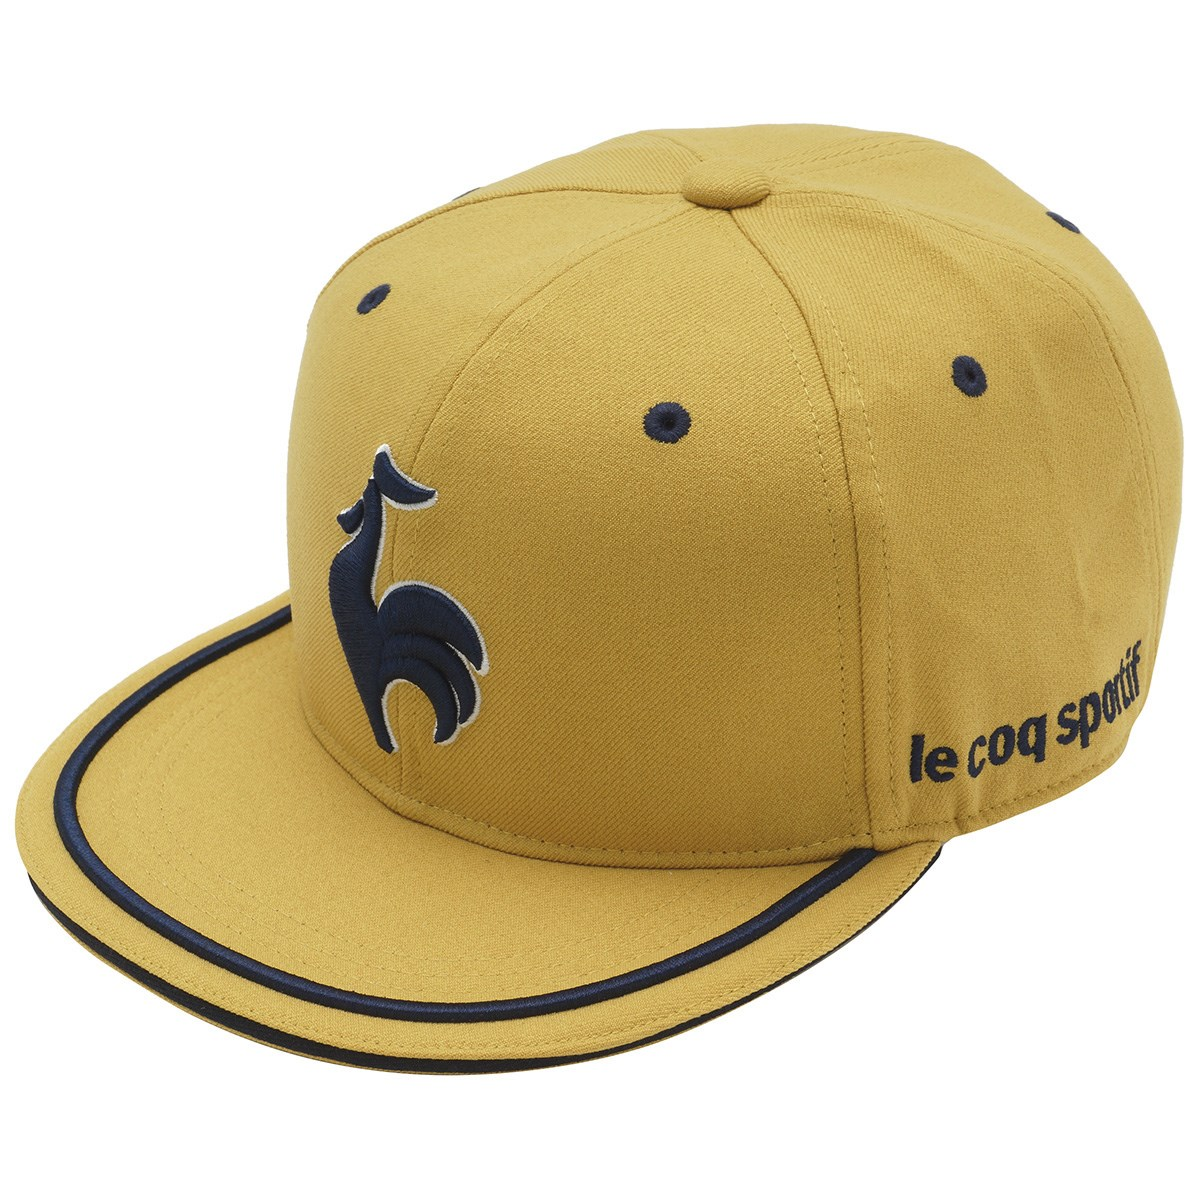 ルコックゴルフ Le coq sportif GOLF フラットキャップ フリー イエロー 00